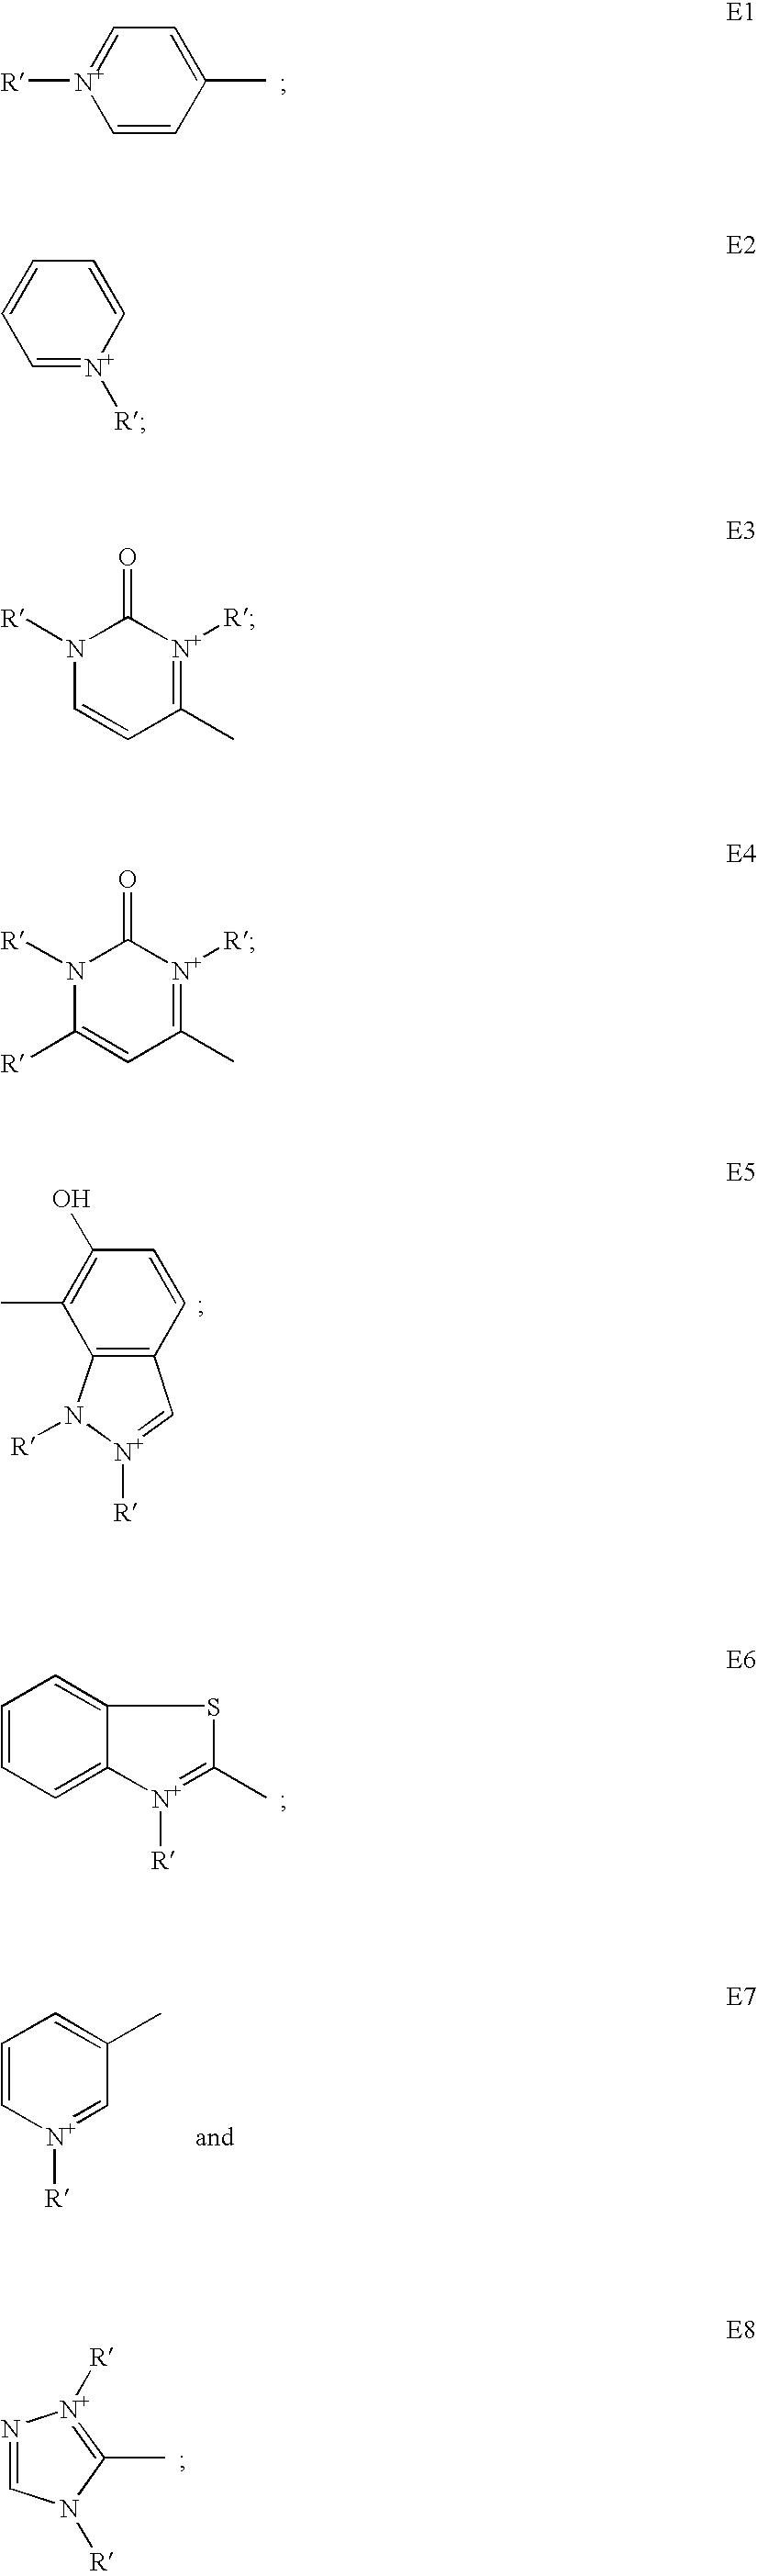 Figure US07918902-20110405-C00009